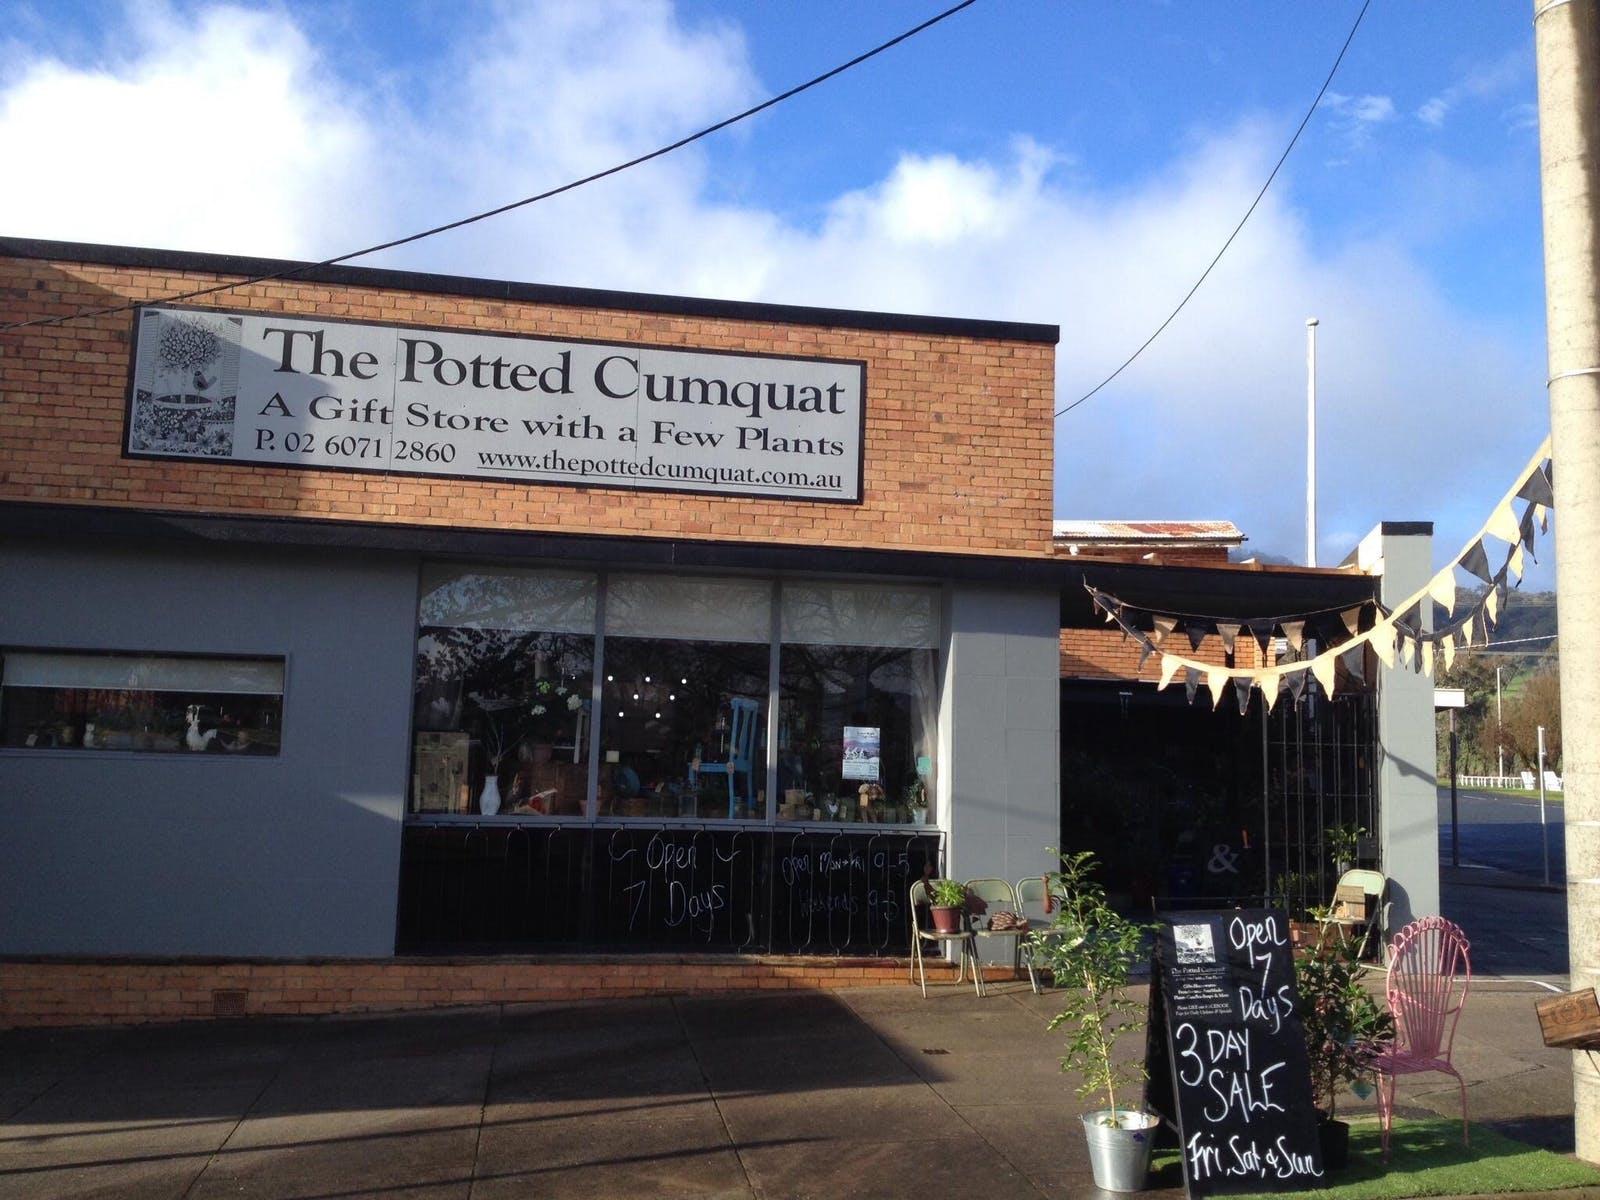 The Potted Cumquat